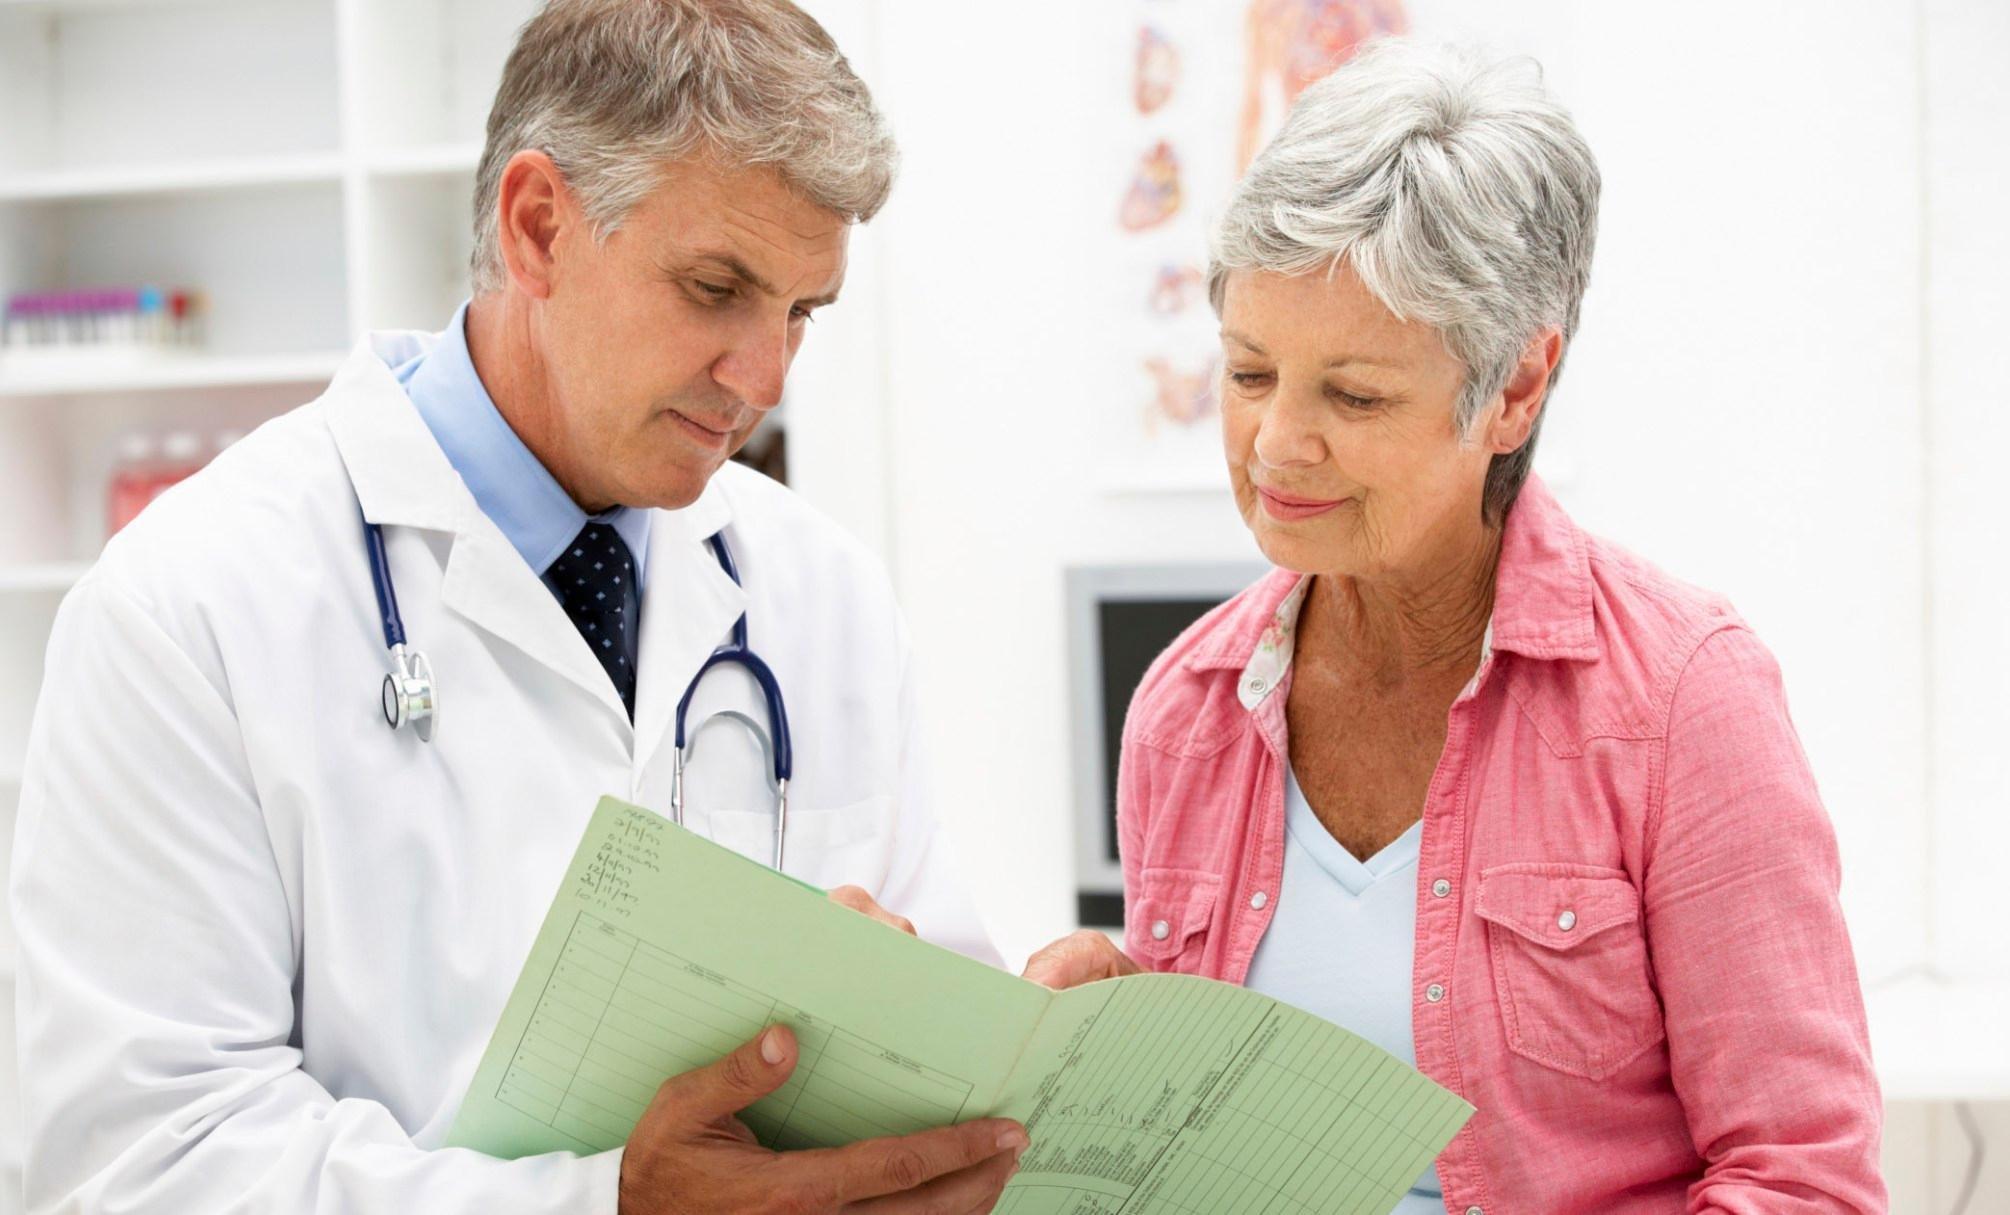 Quais as principais doenças que mais afetam as mulheres?